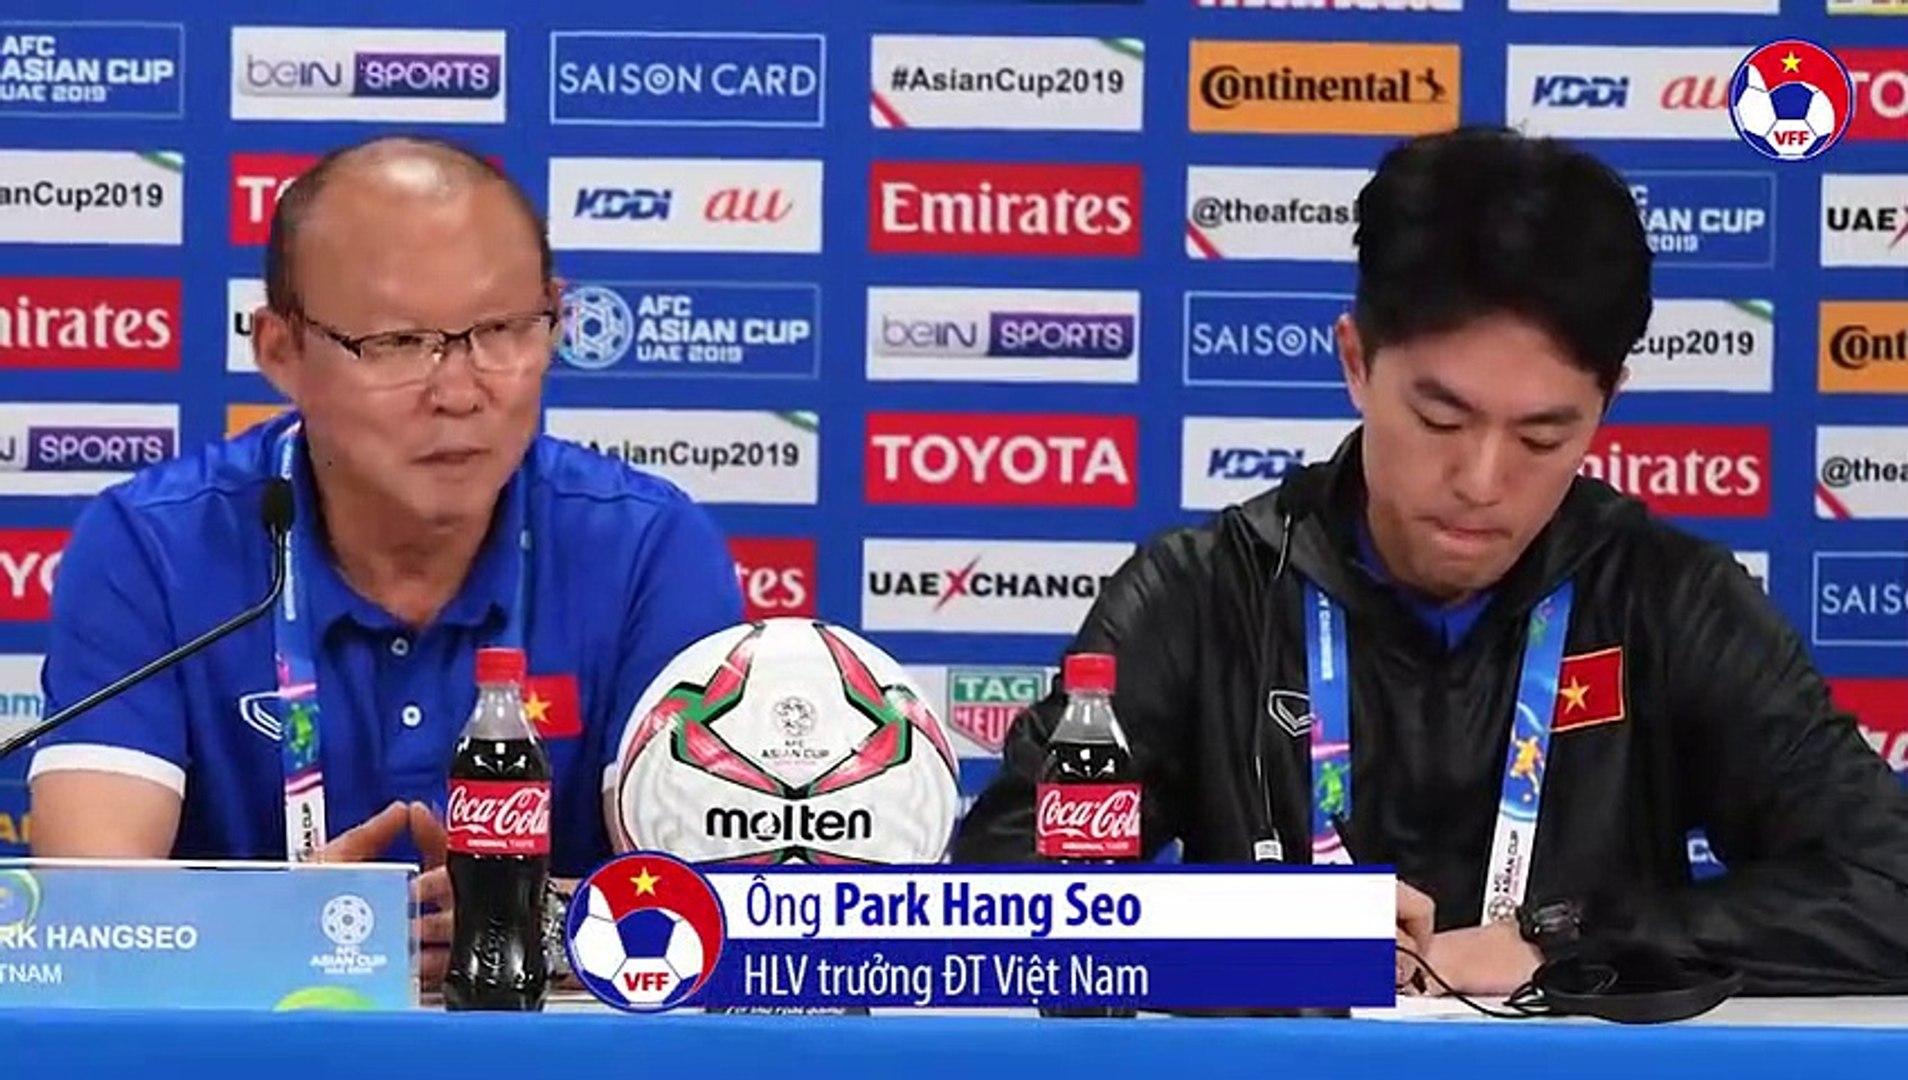 HLV Park Hang-seo tiếc nuối khi ĐT Việt Nam để thua phút cuối | VFF Channel | VFF Channel